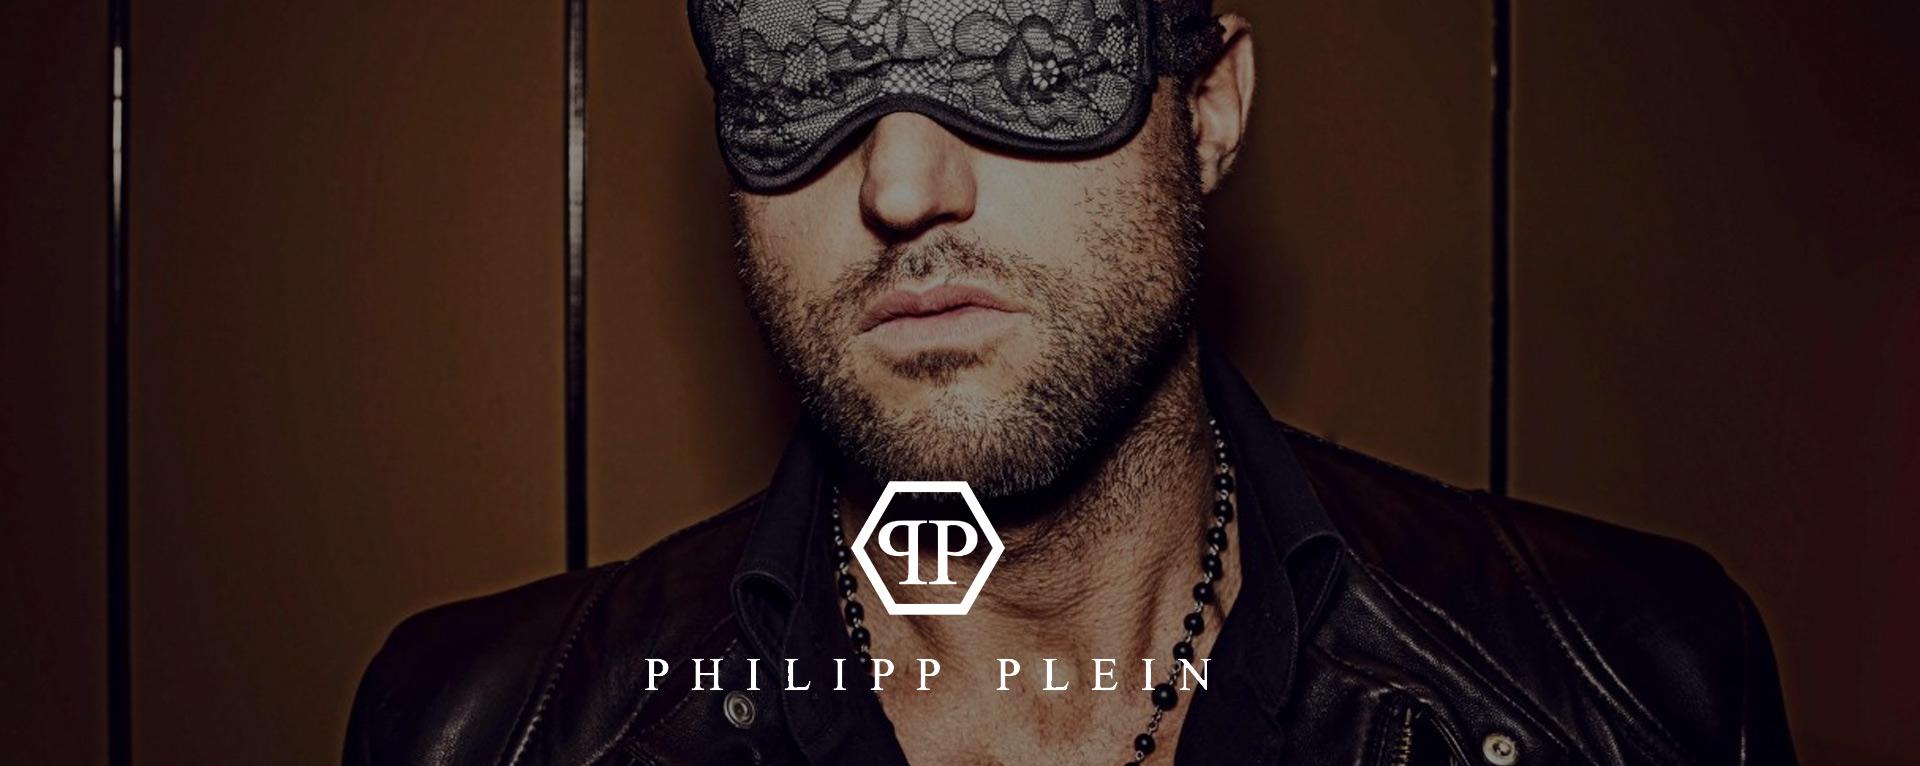 Philipp Plein Abbigliamento e Accessori Philipp Plein